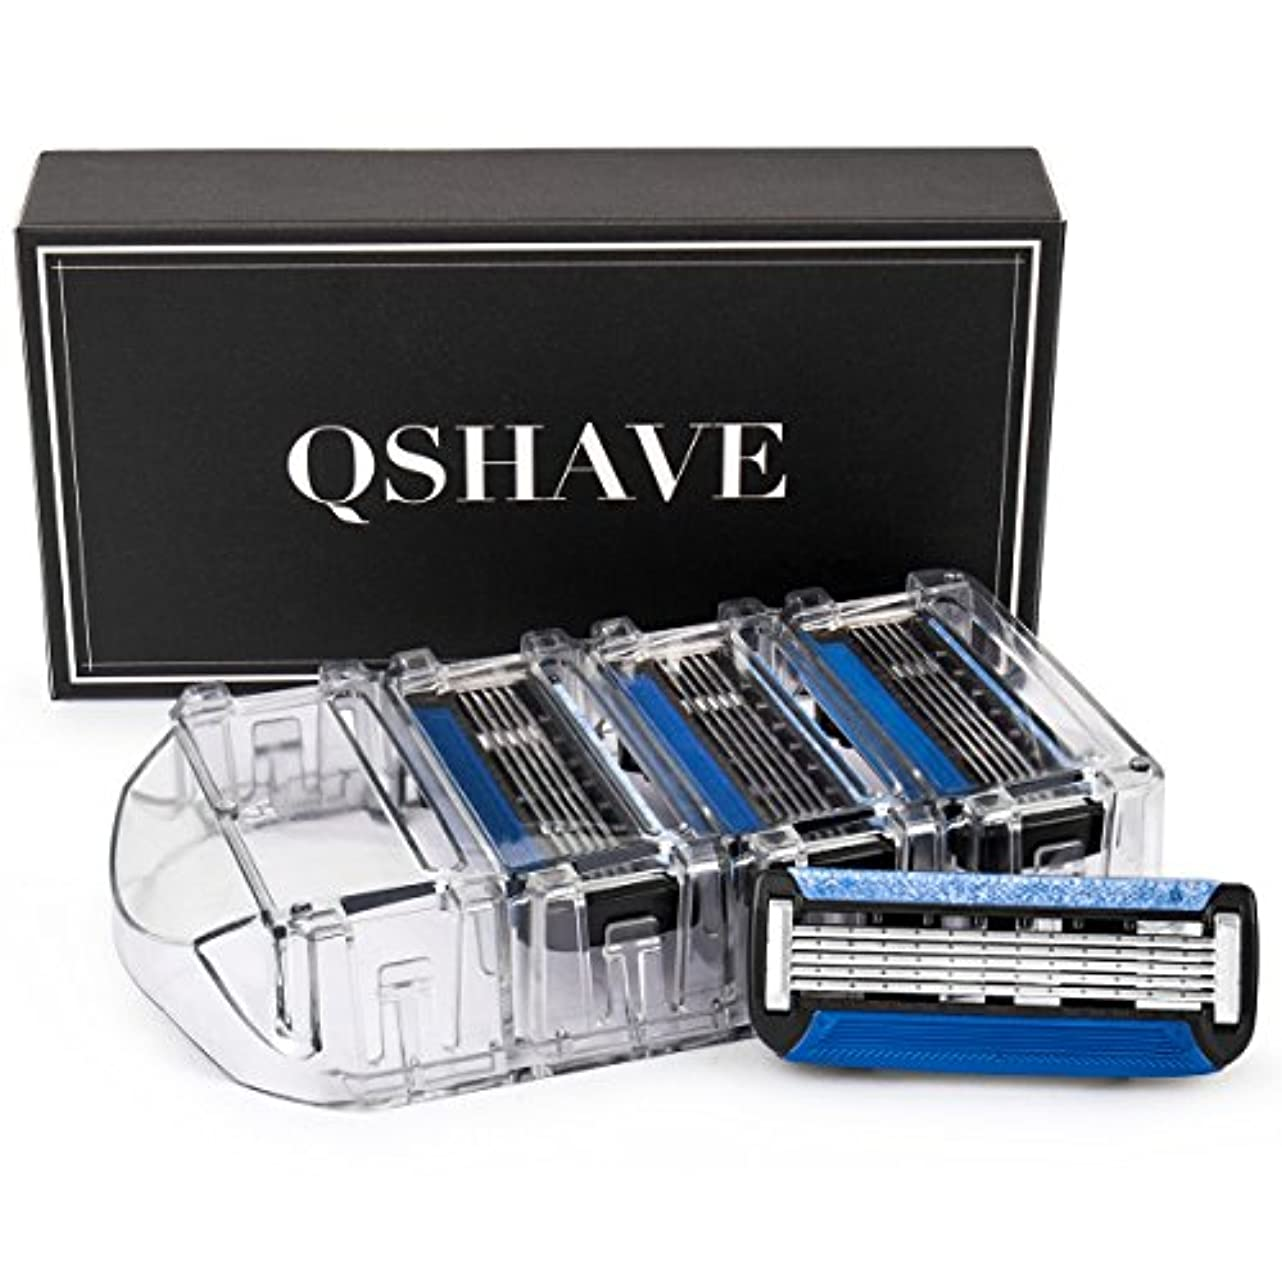 ピービッシュ住人靄QSHAVEのX5 (5枚刃) カミソリ替刃カートリッジは、トリマーがドイツ製でQSHAVEブラックシリーズのカミソリにお使いいただけます。 (8つ入り)